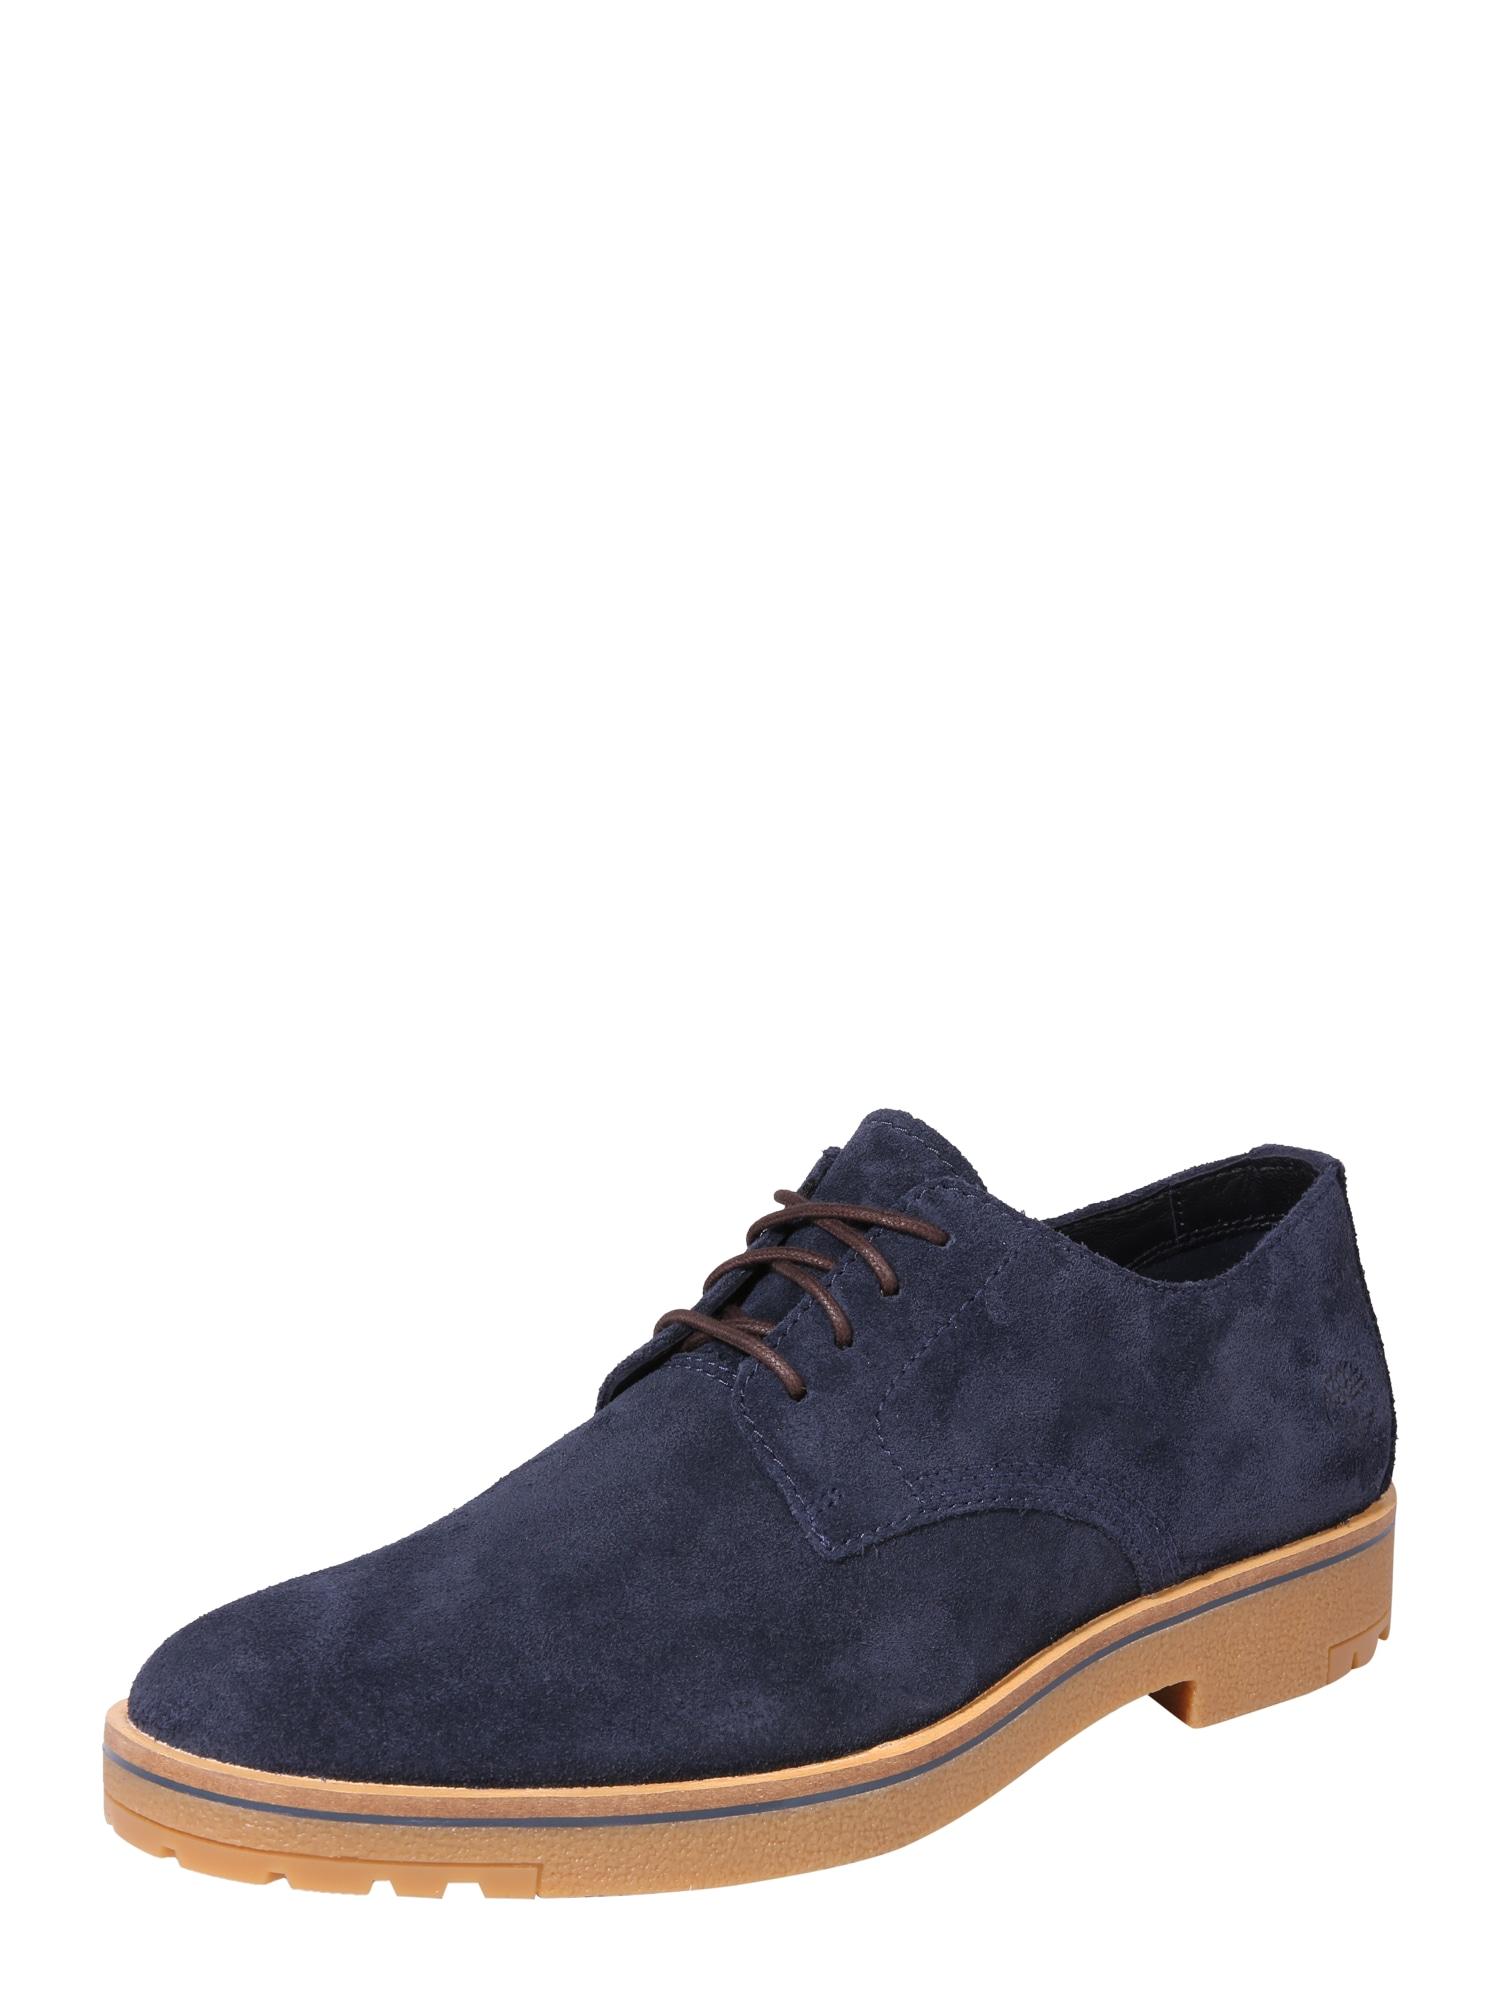 Šněrovací boty Folk Gentleman Ox noční modrá TIMBERLAND